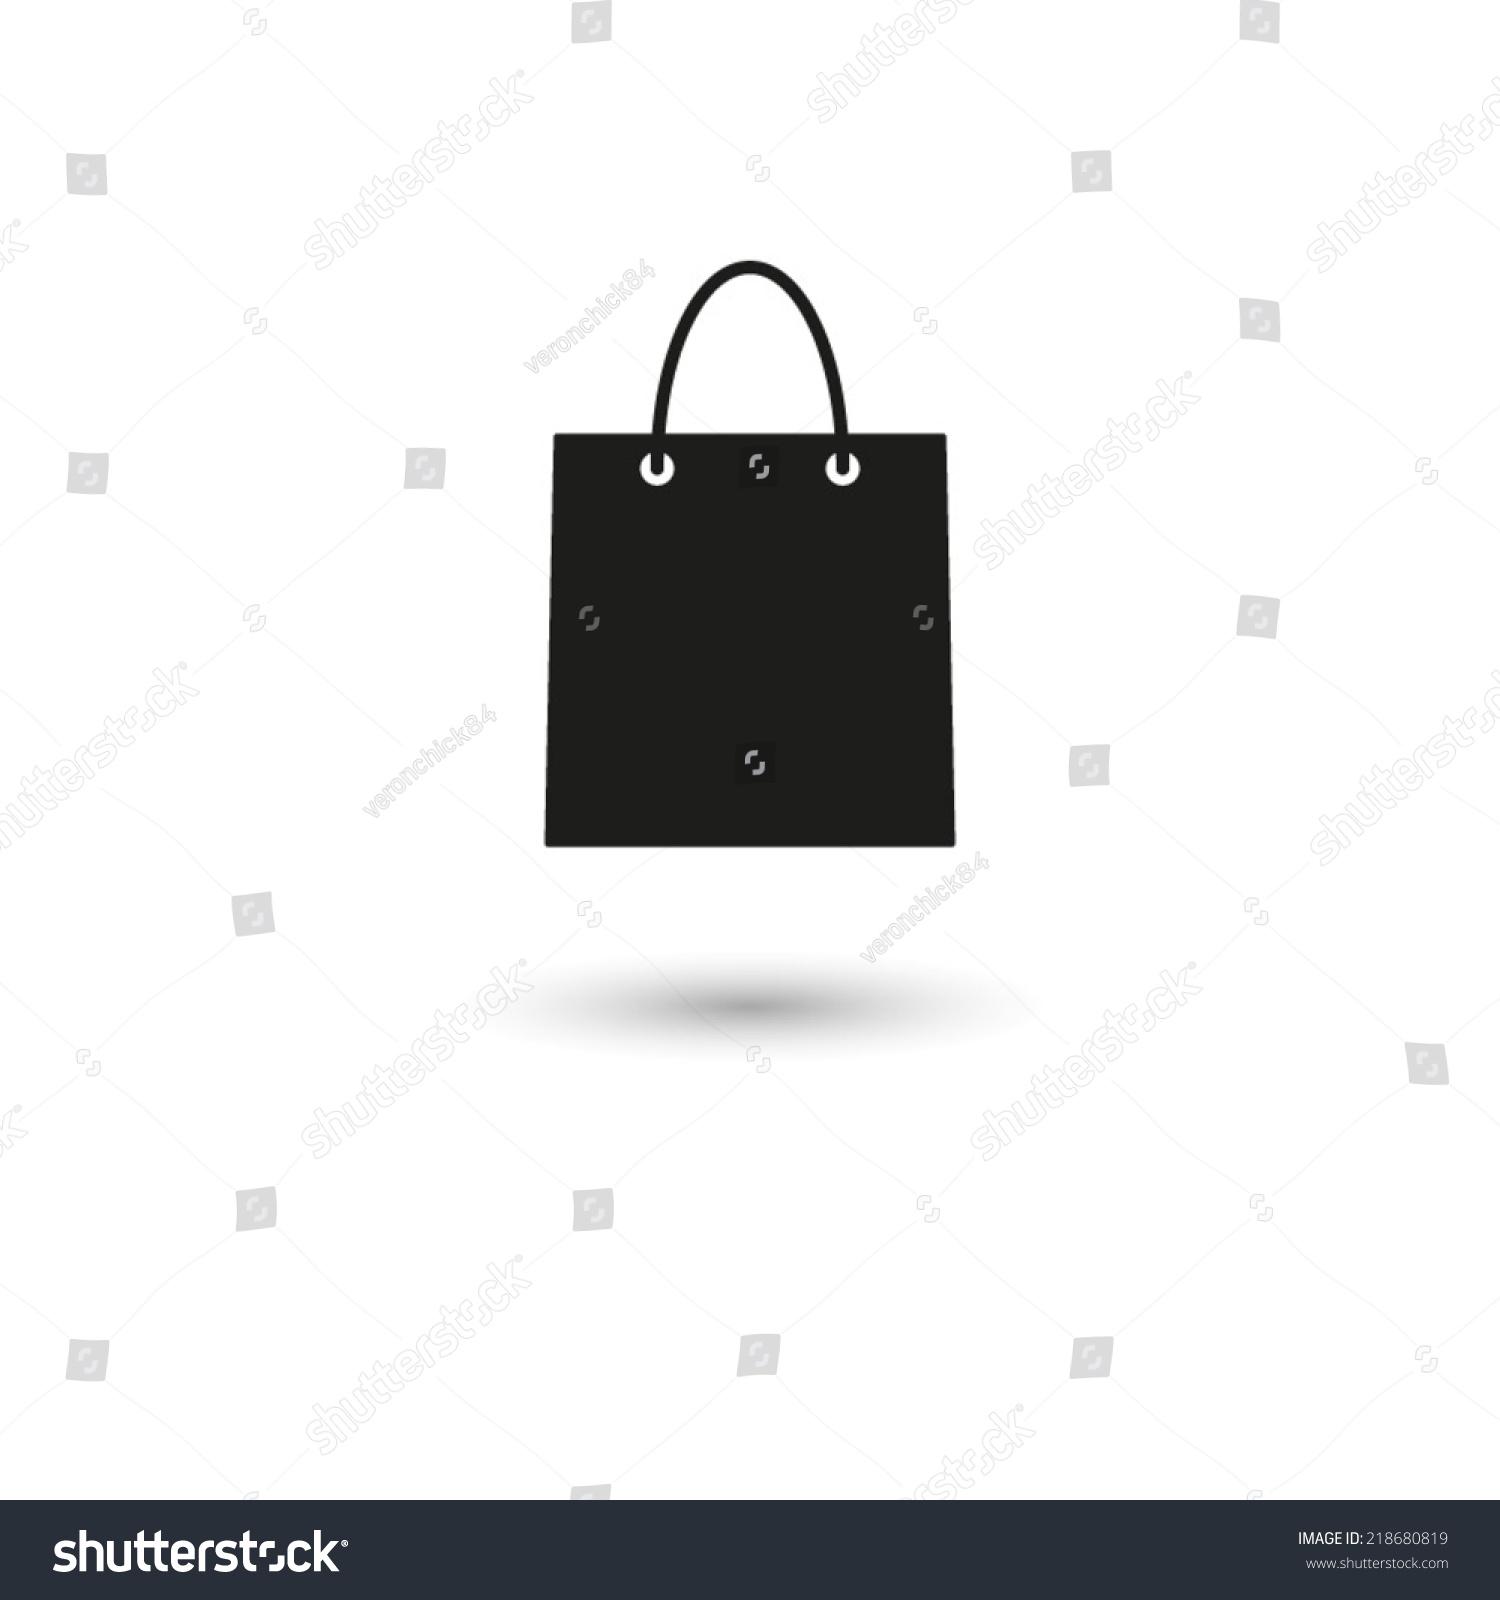 Shopping Bag Vector Icon Stock Vector 218680819 - Shutterstock